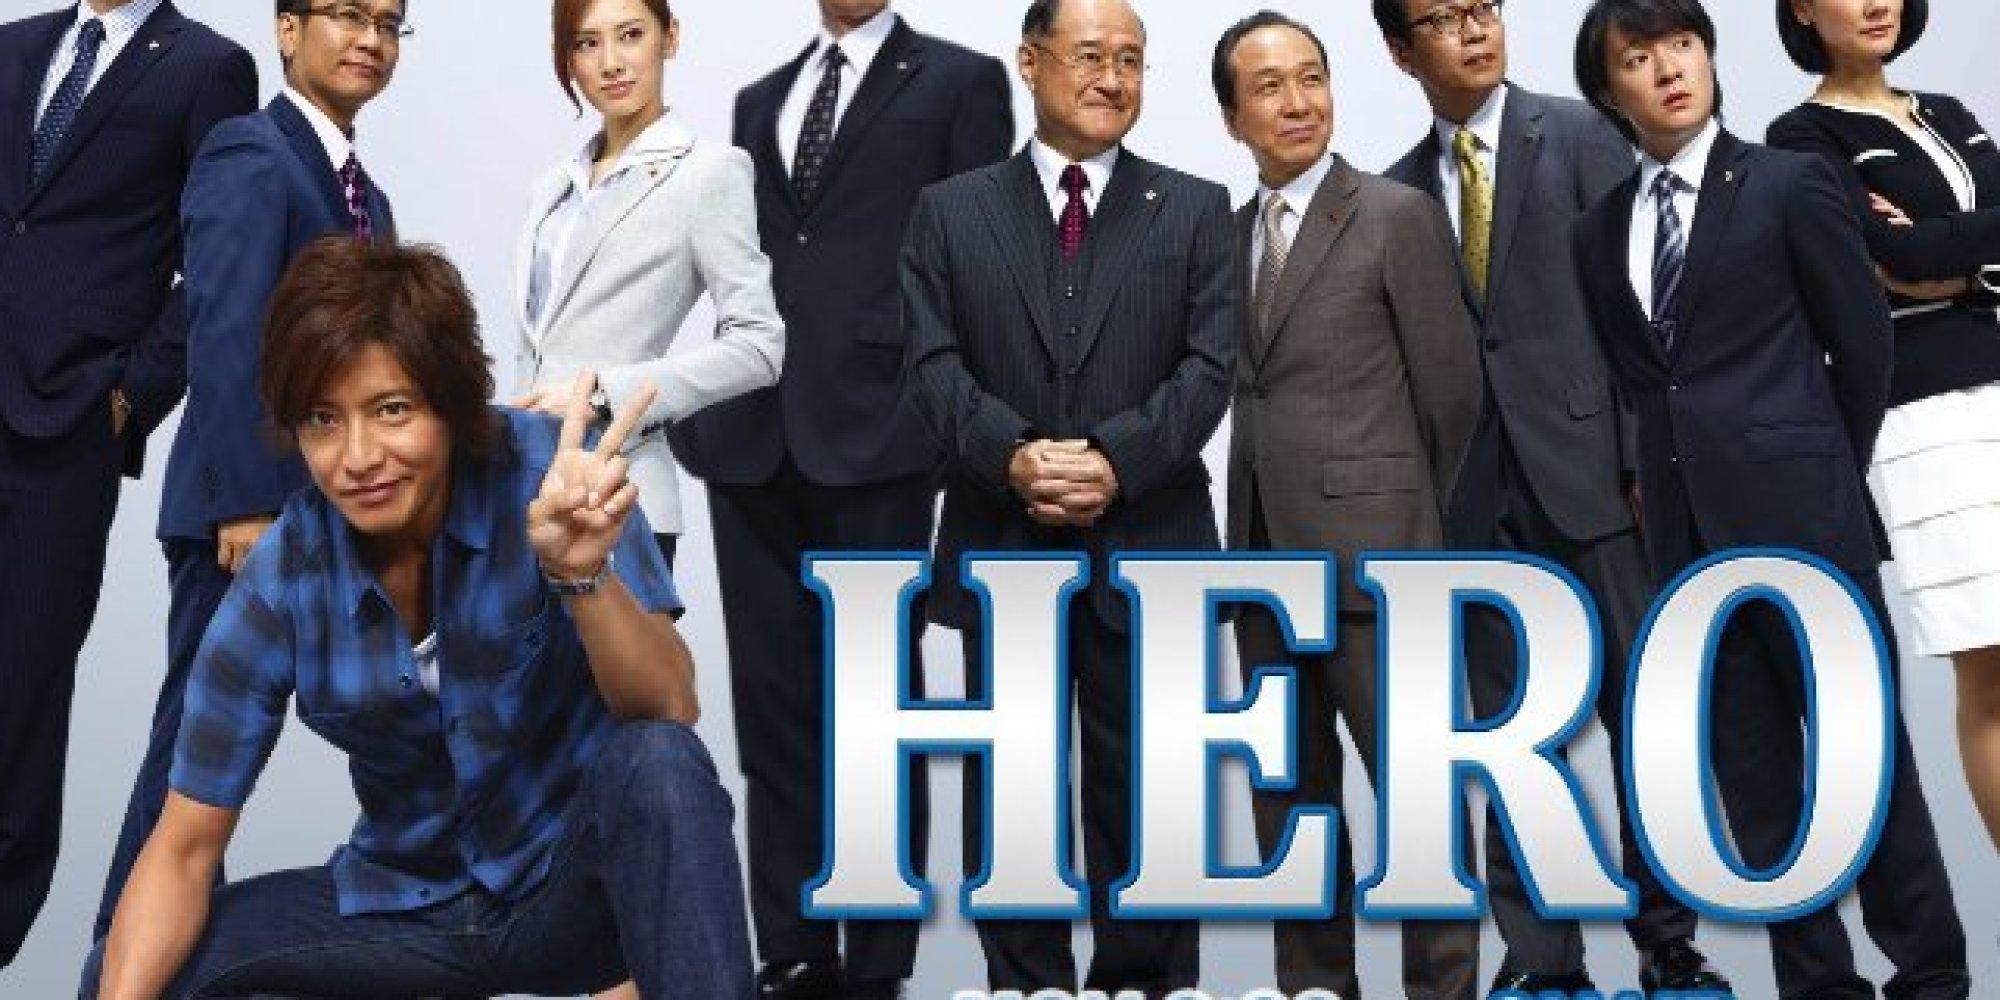 【かの名作】ドラマ・HEROの魅力に今一度迫ってみたいと思うのサムネイル画像